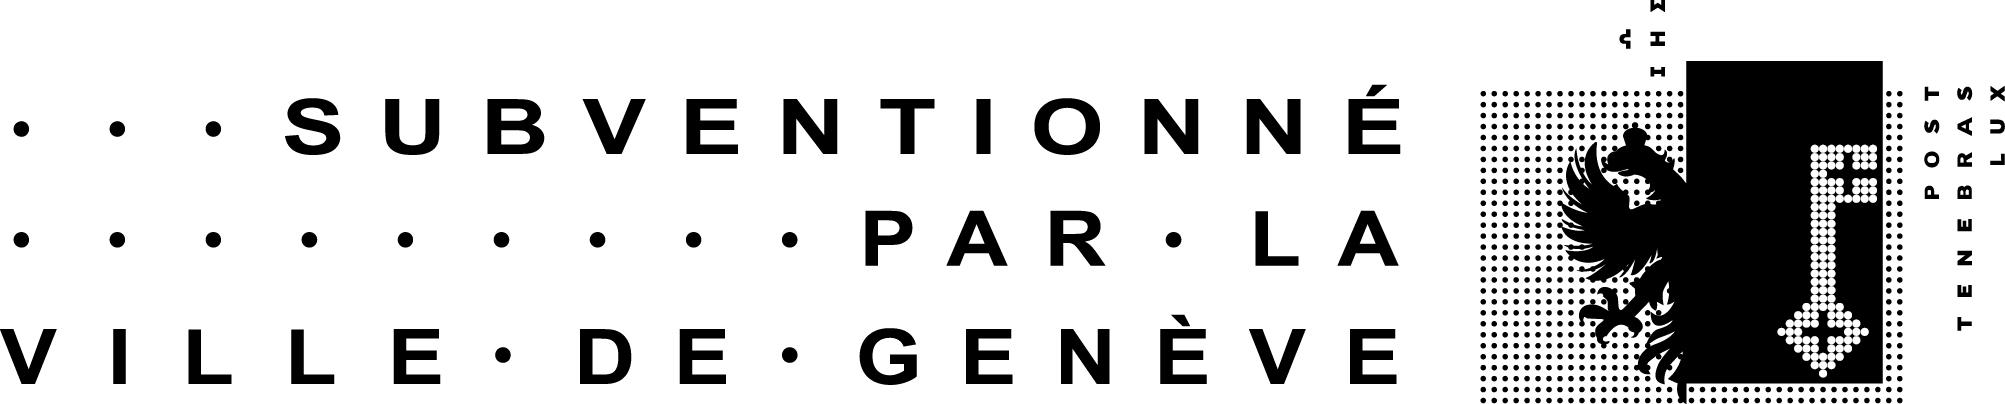 Subventionné par la ville de Genève